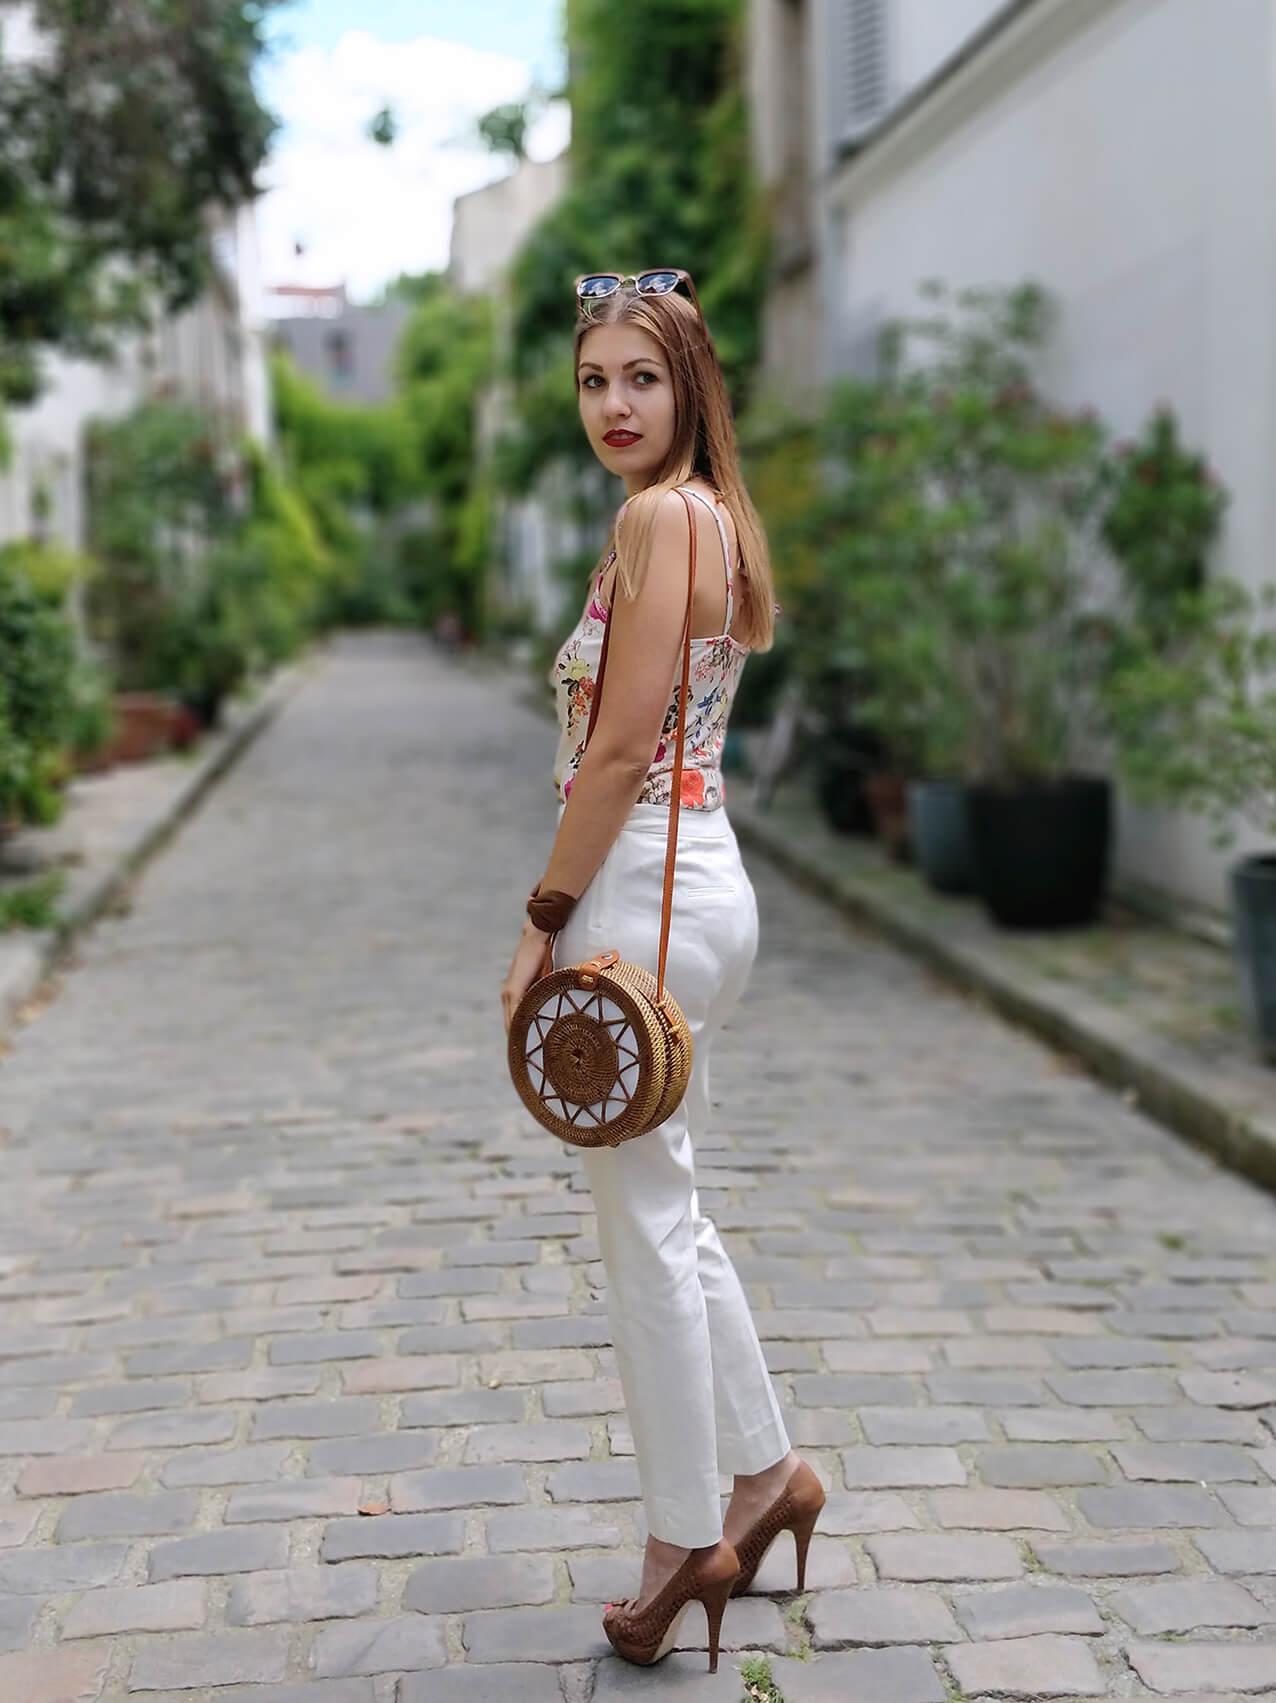 blog 19 janvier paris sac rond bali panier tenue - De la verdure et du soleil